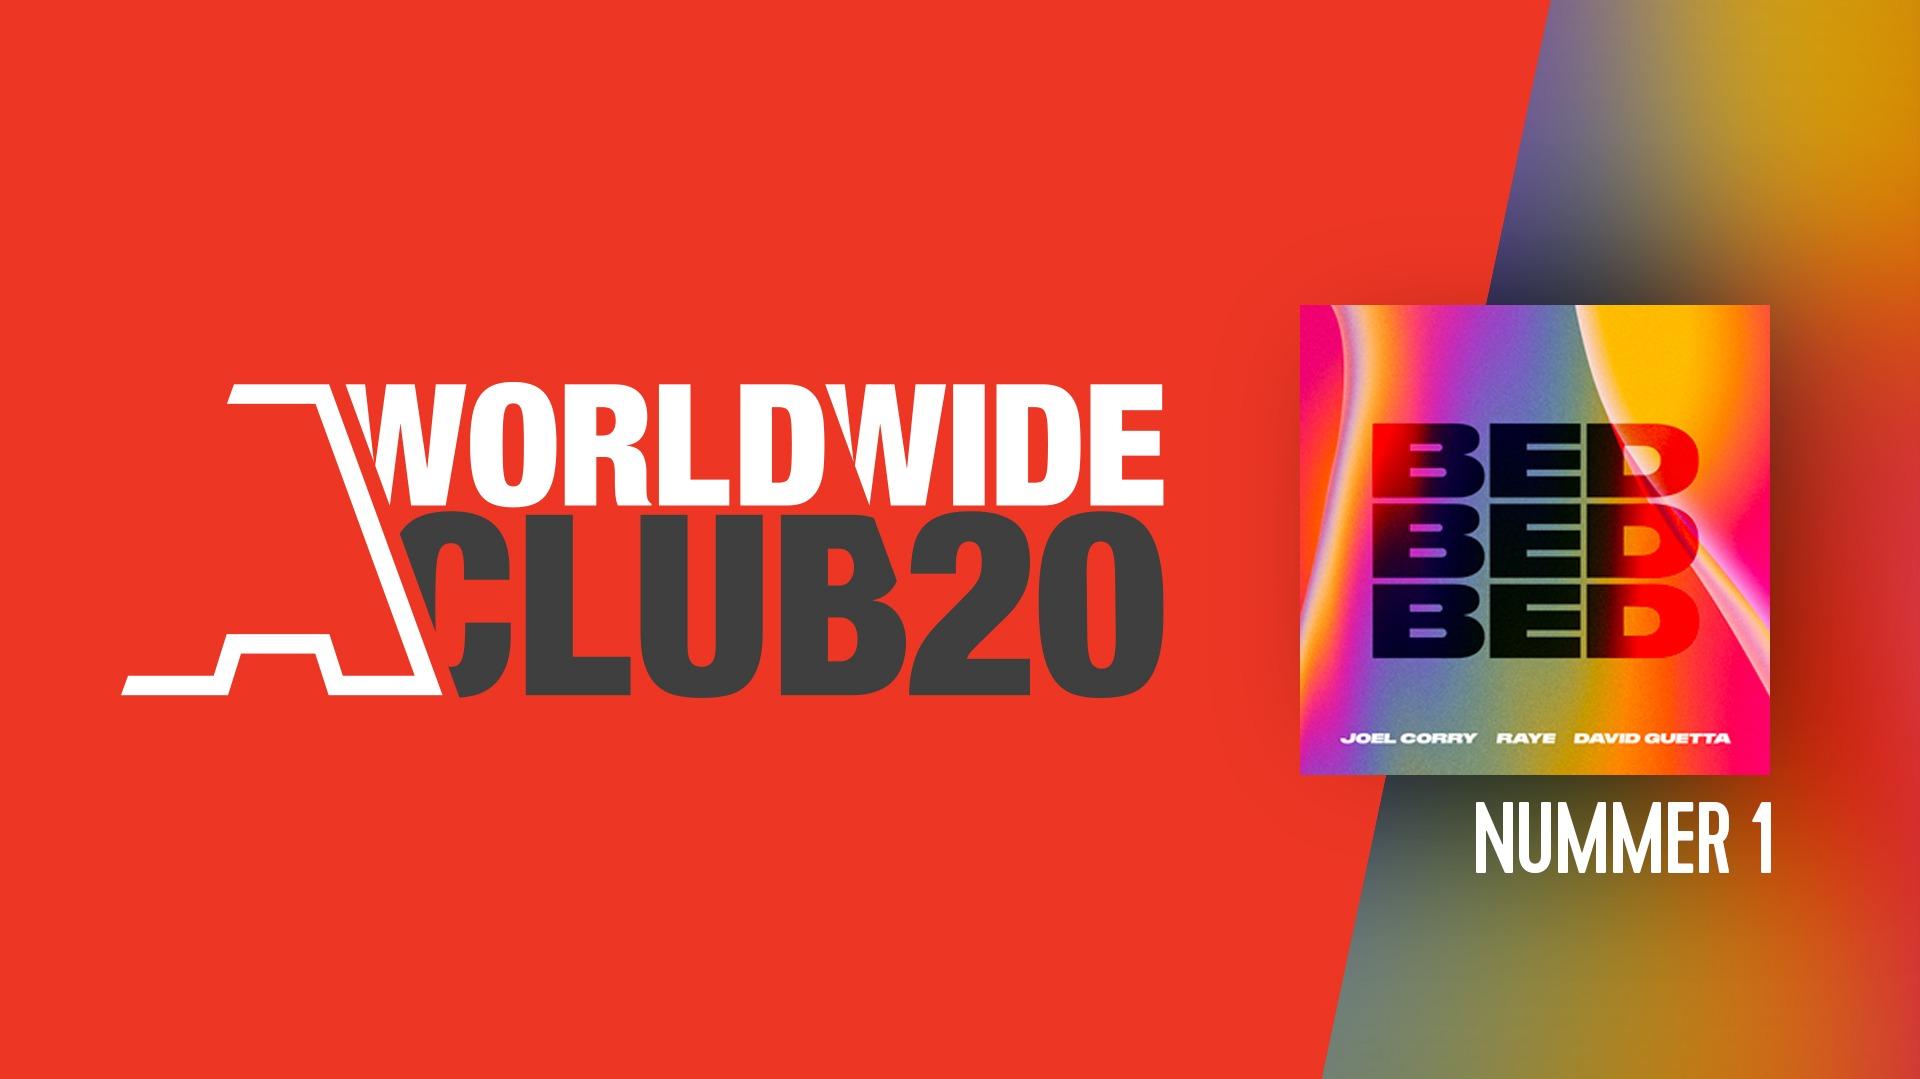 Wwc20 header